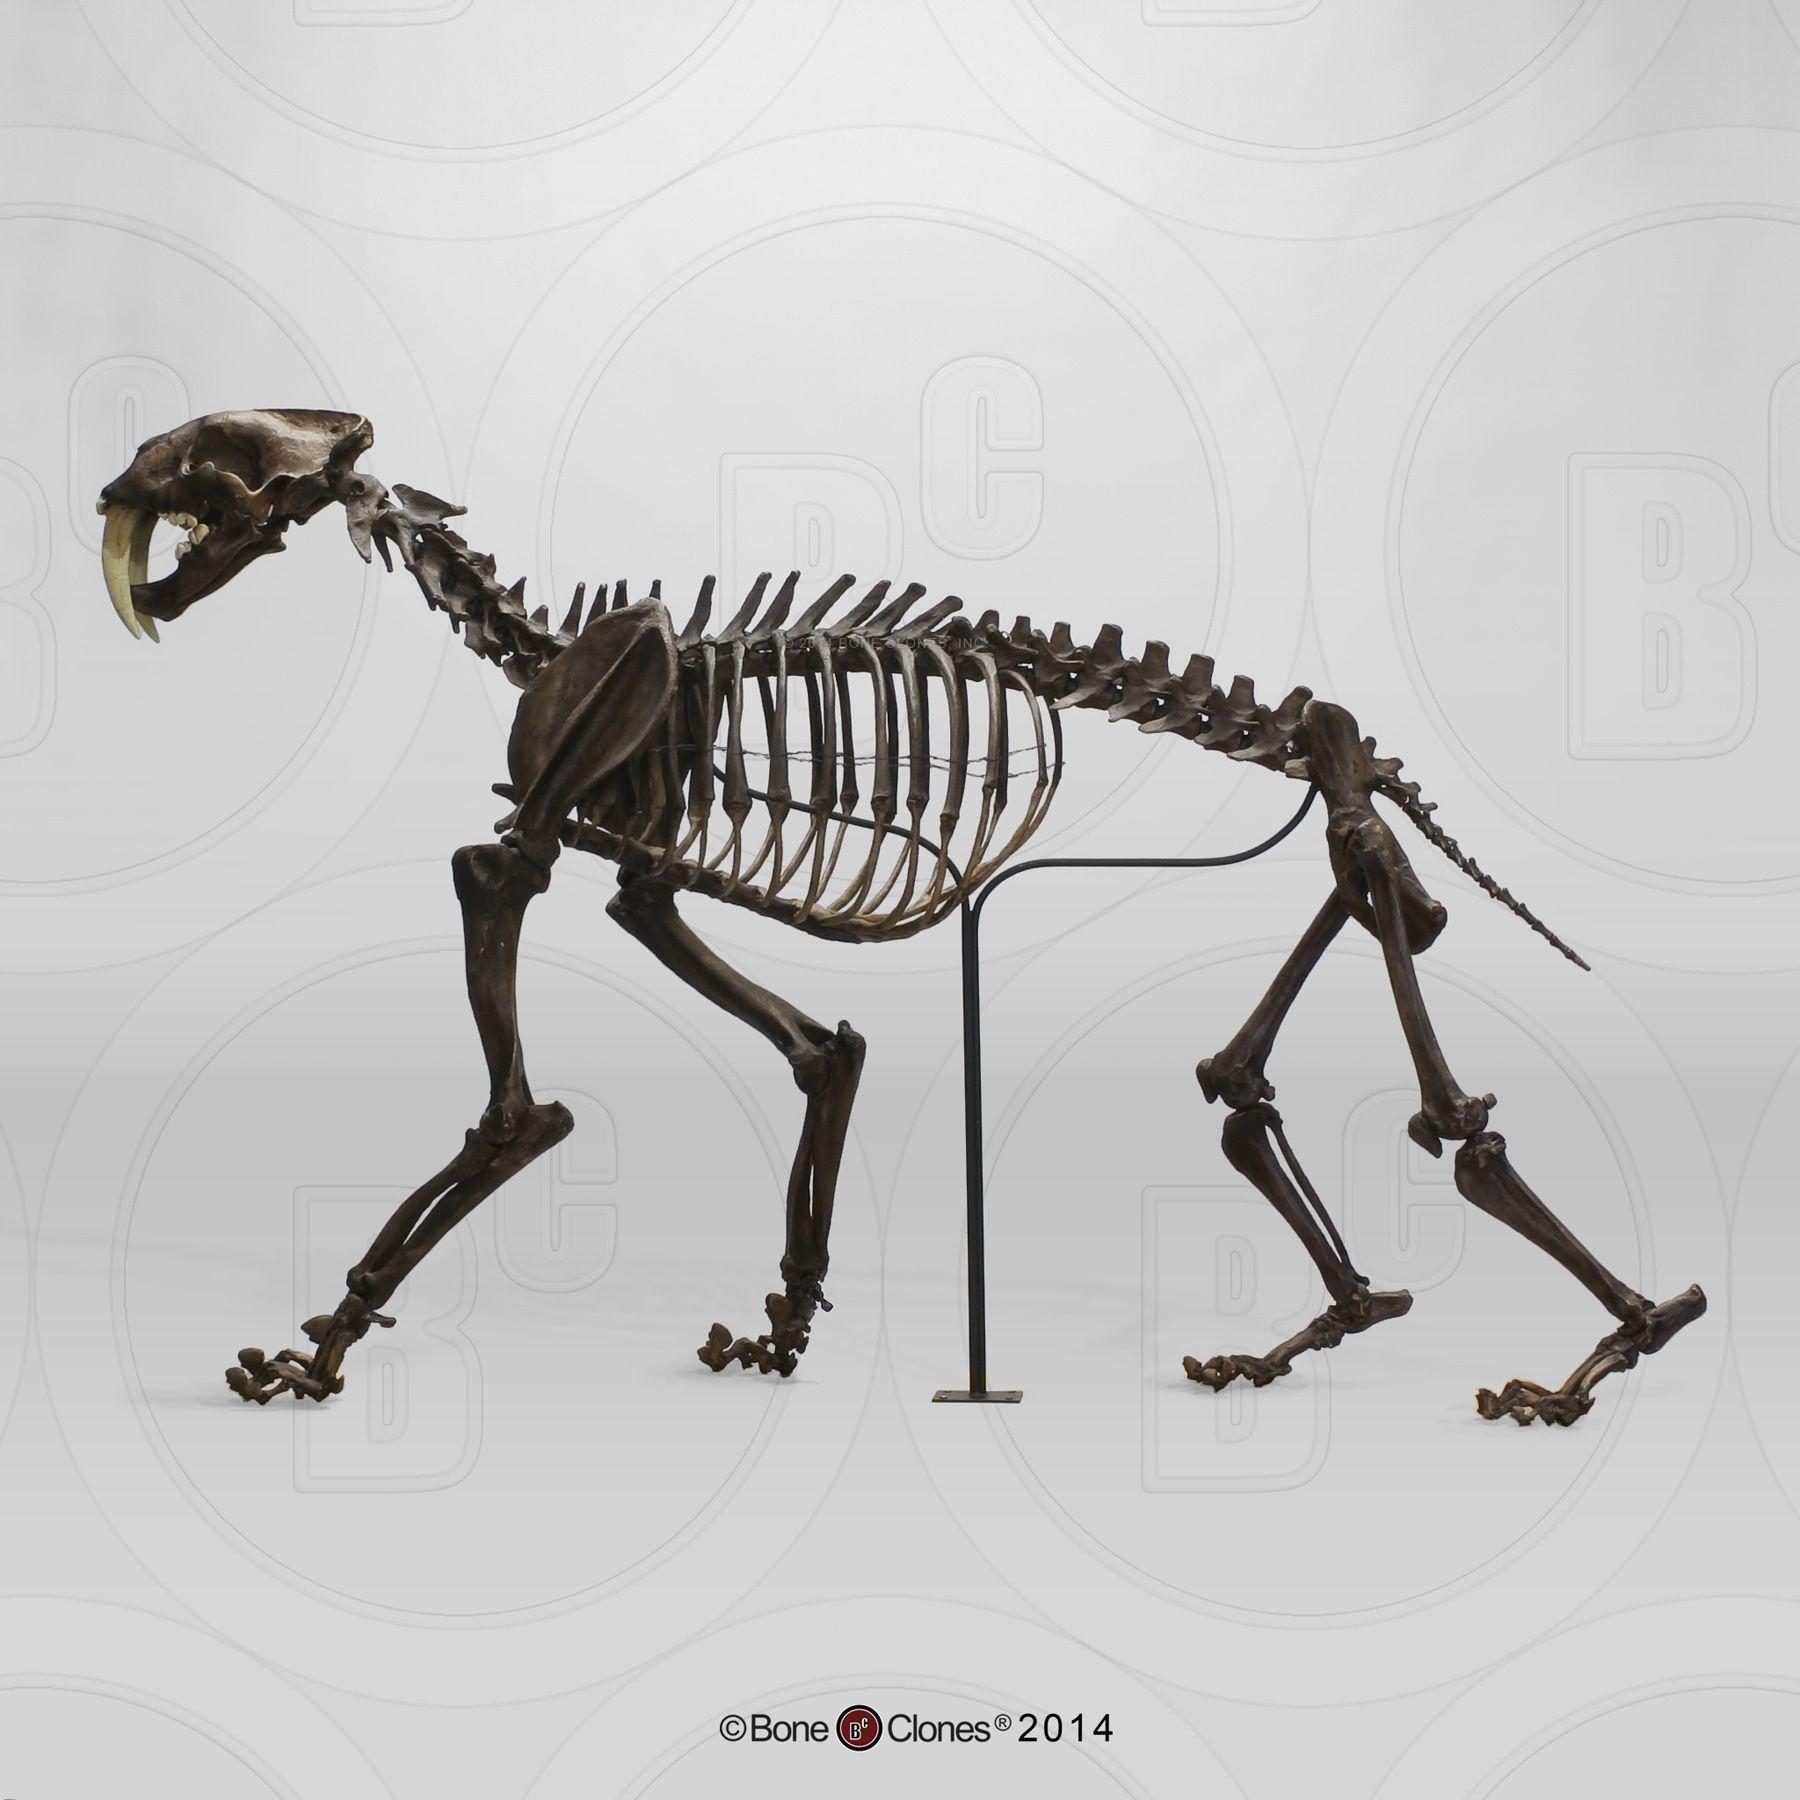 resultado de imagen de saber tooth tiger skull replica [ 1800 x 1800 Pixel ]